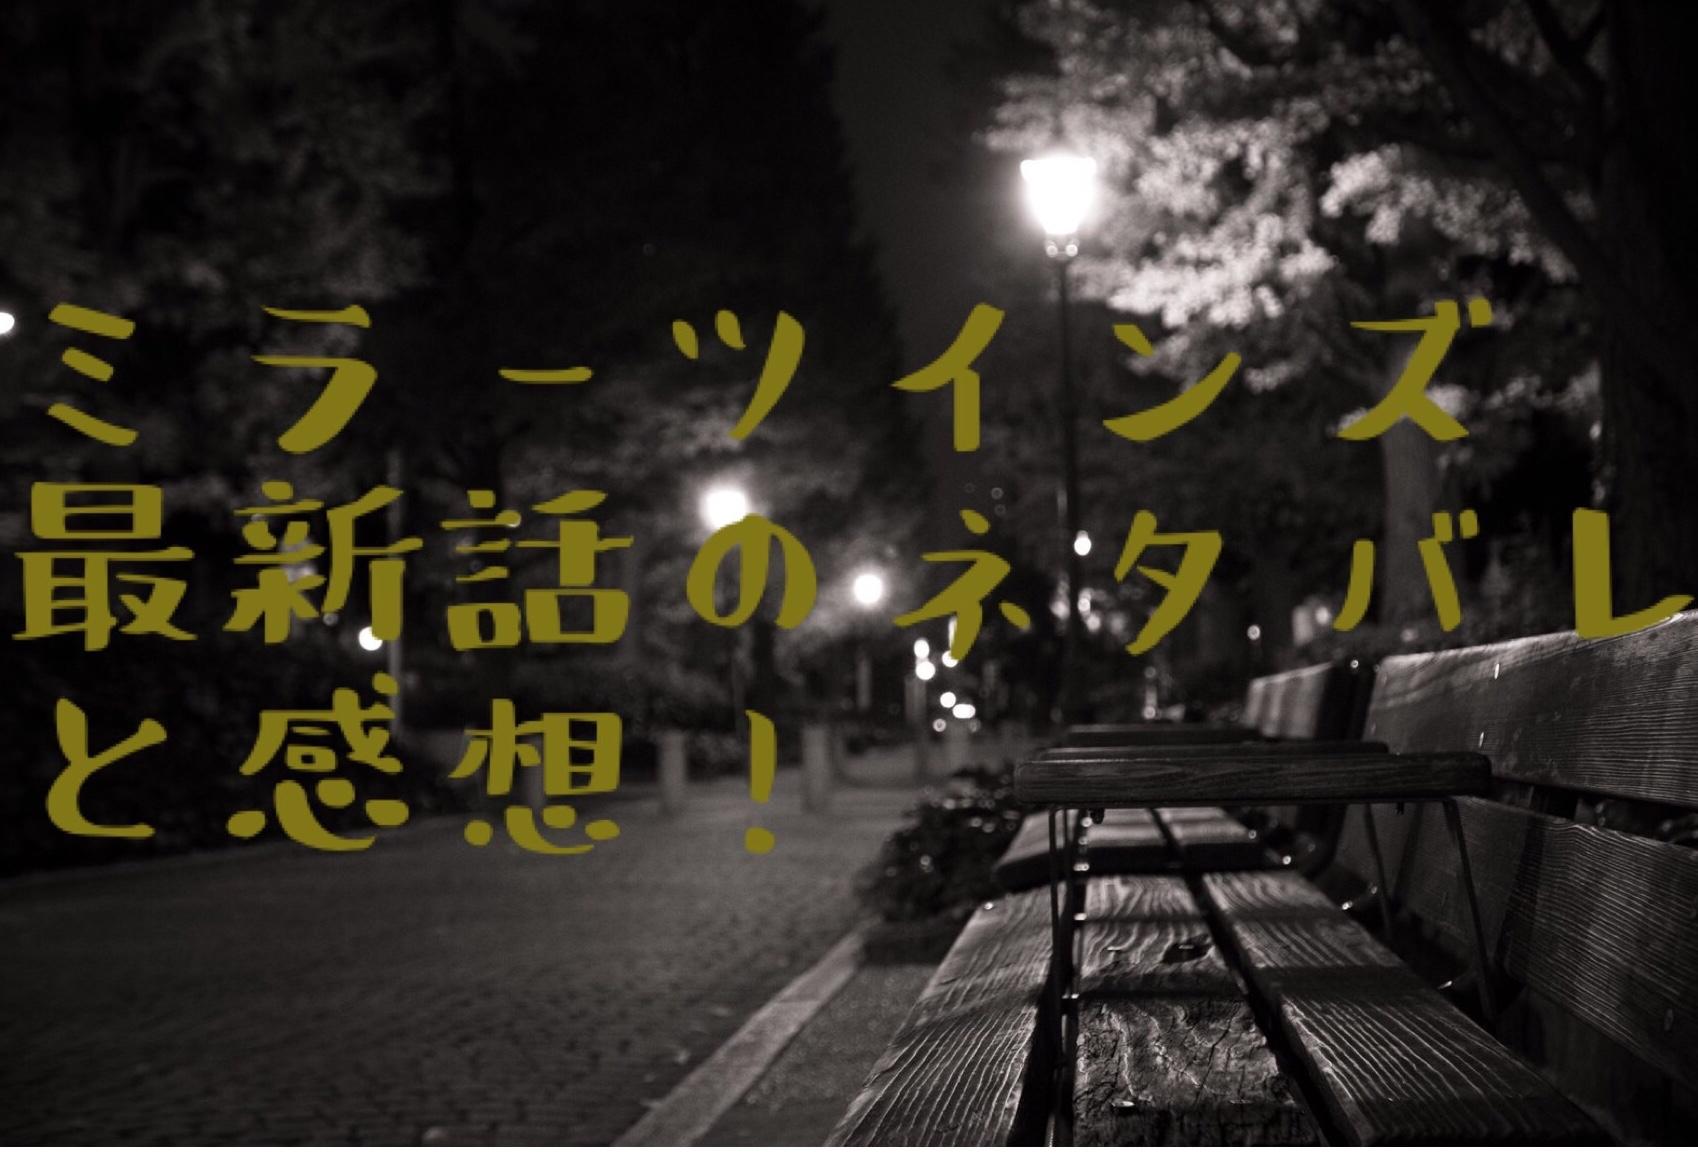 ミラーツインズ【第2話】刑事・葛城圭吾の呪縛② 最新話のネタバレと感想!